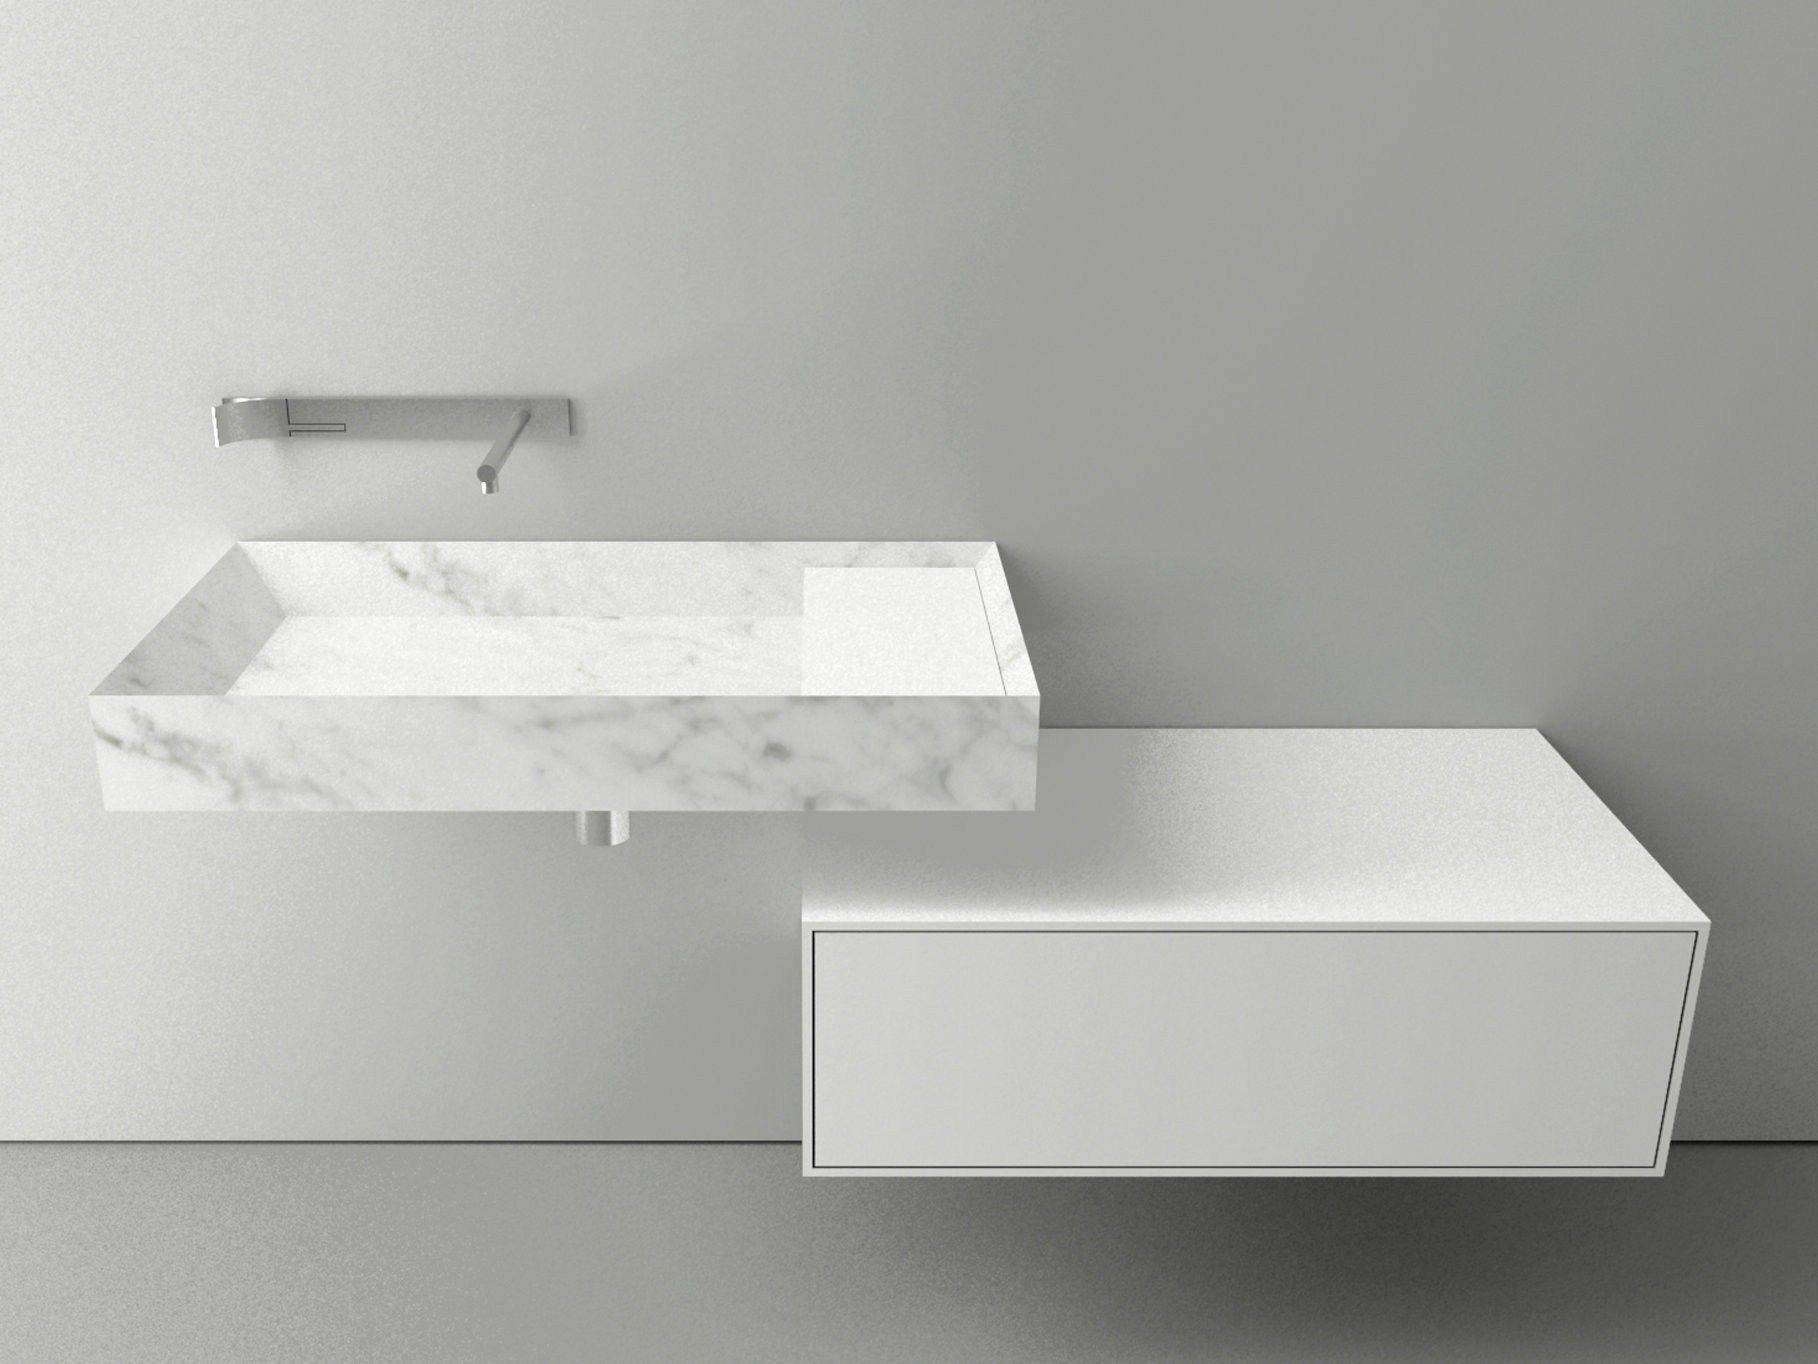 Lavabo singolo sospeso in marmo di carrara a45 stone by for Boffi bagni prezzi